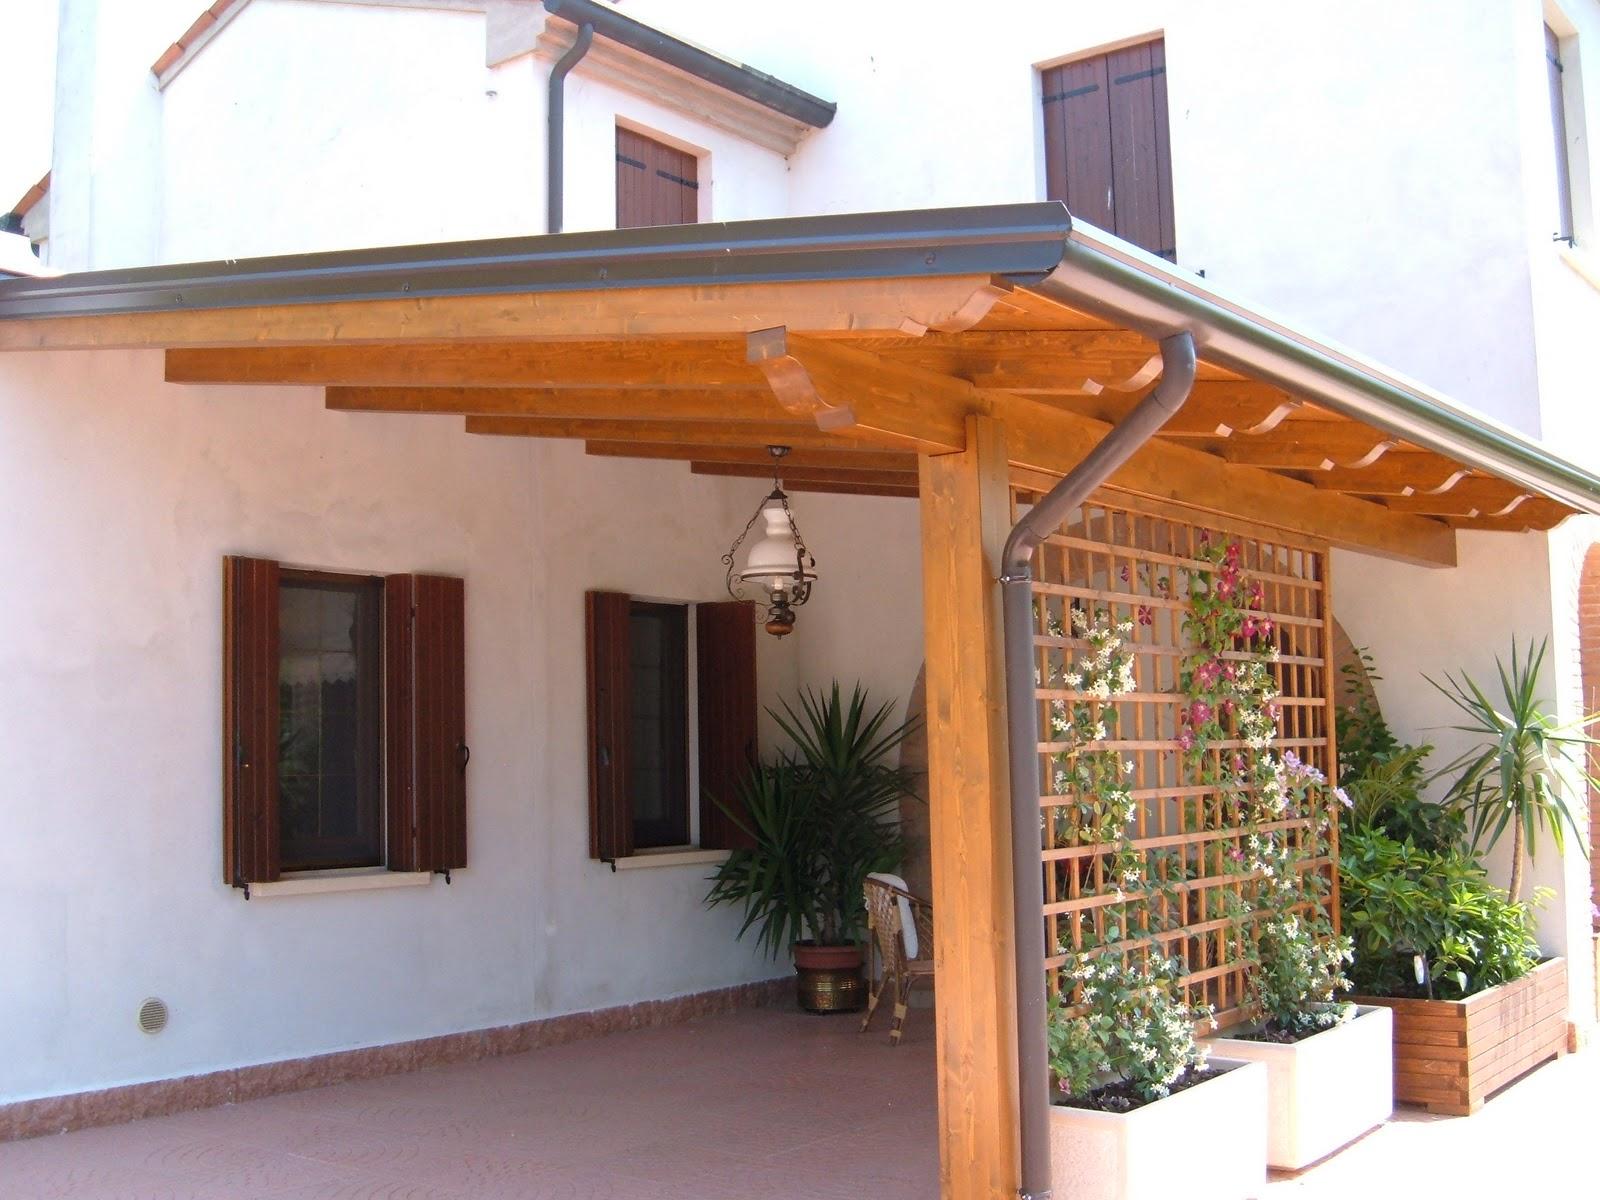 Maderas dise os proyectos for Modelos de ceramicas para terrazas